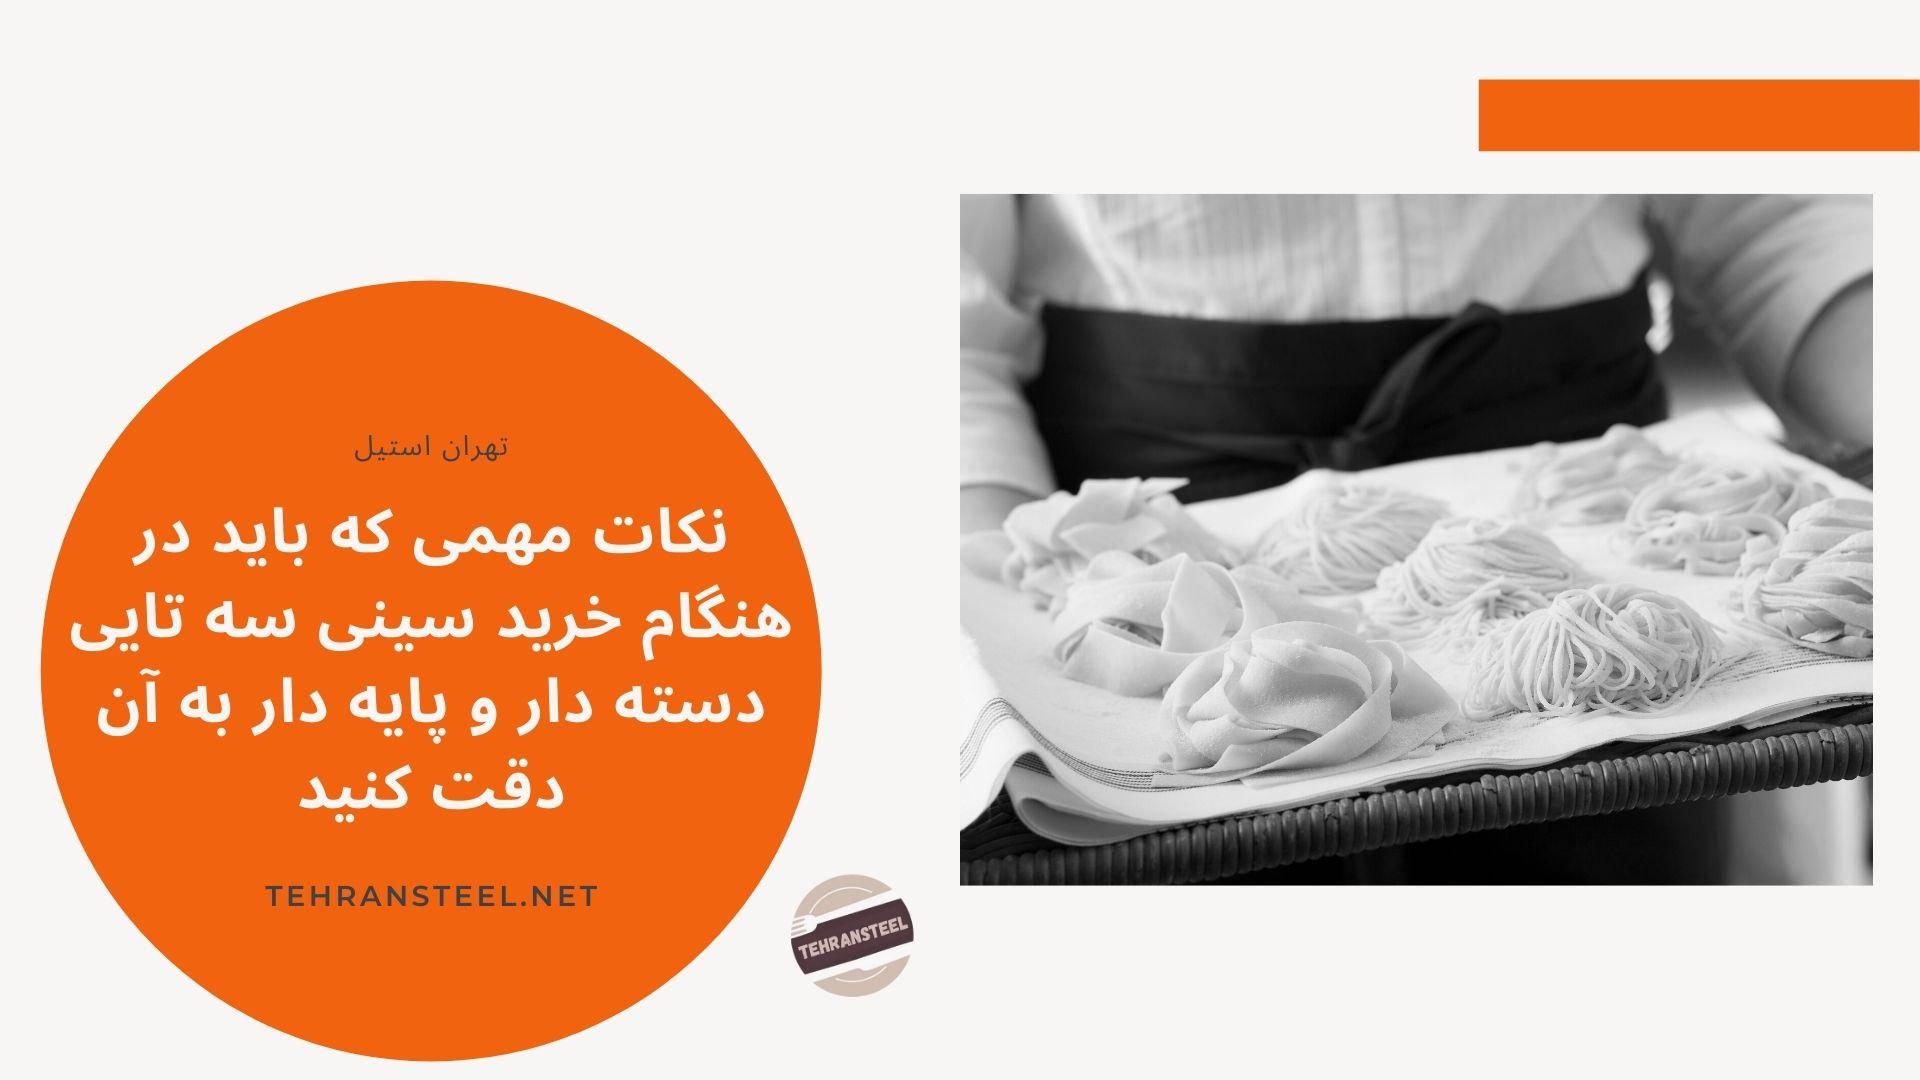 نکات مهمی که باید در هنگام خرید سینی سه تایی دسته دار و پایه دار به آن دقت کنید: